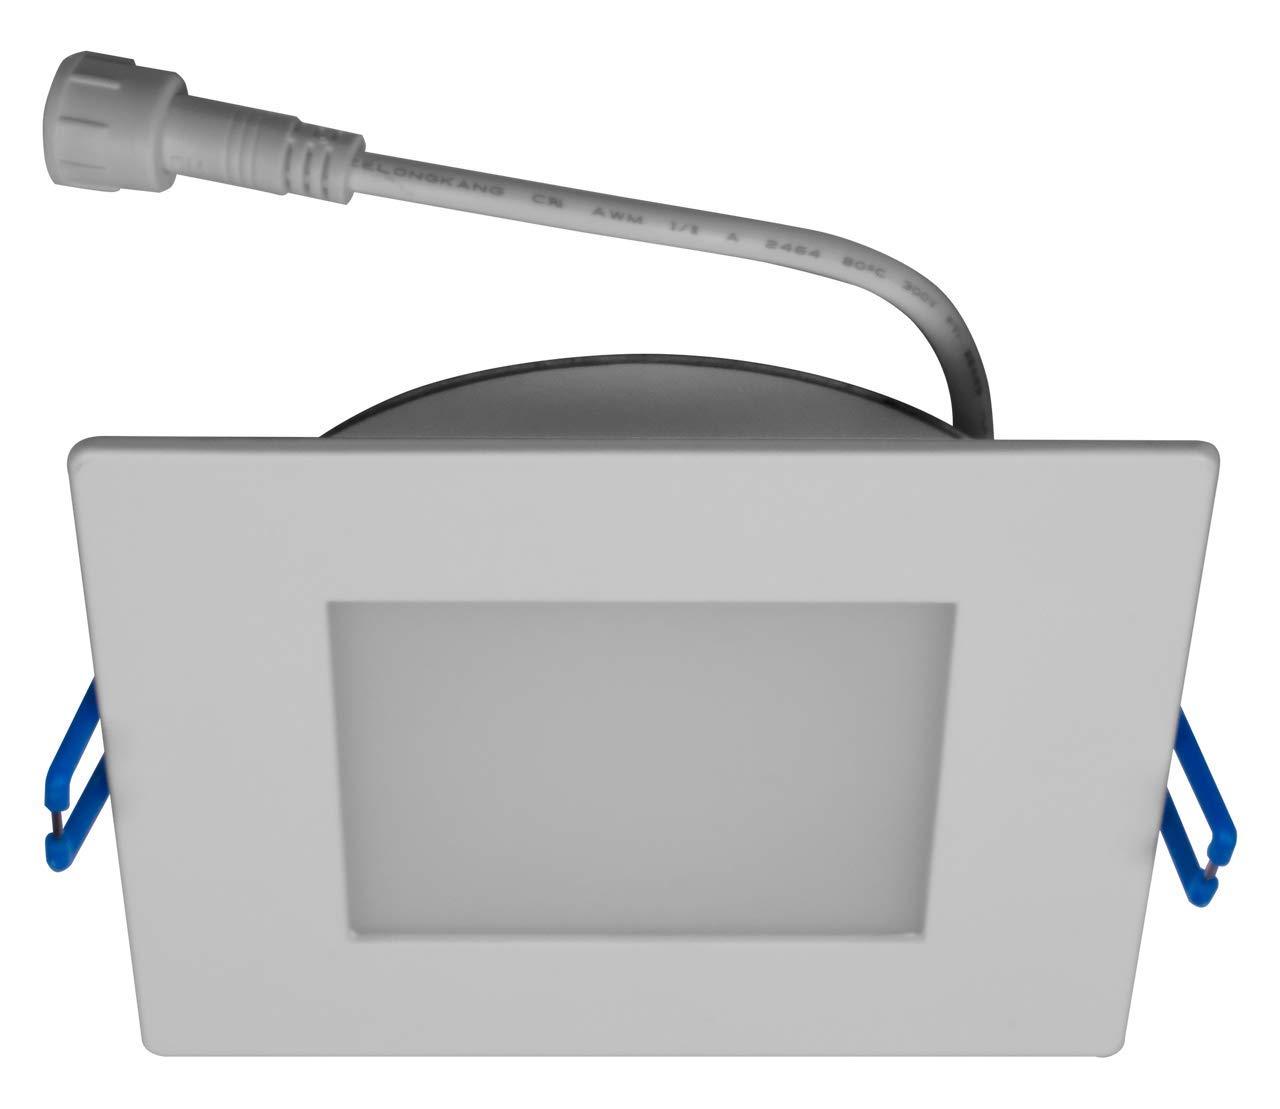 NICOR LIGHTING DLE621205KSQWH 6インチ スクエアエッジ リット LED レトロフィット ダウンライト 5000K B07K6B5VJS